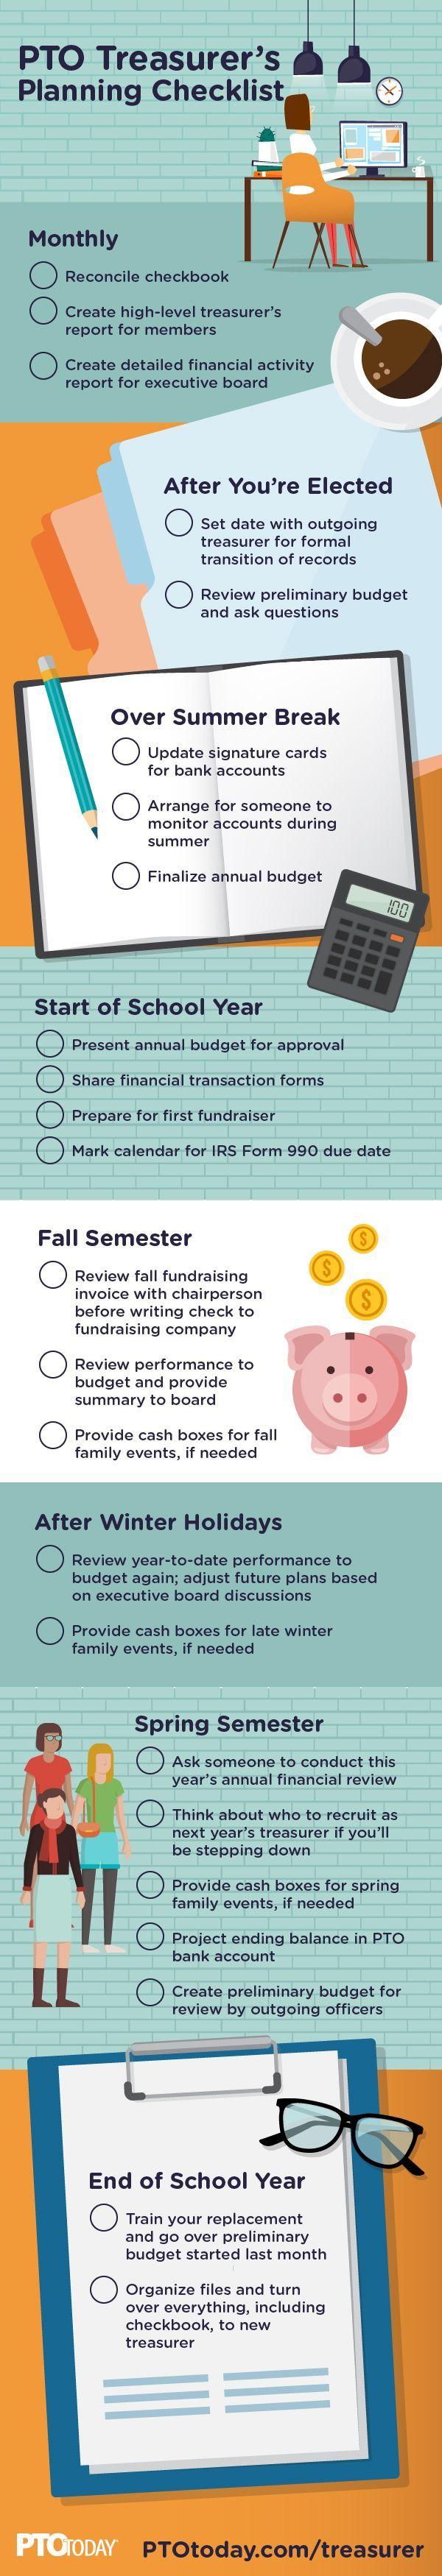 PTO Treasurer's checklist